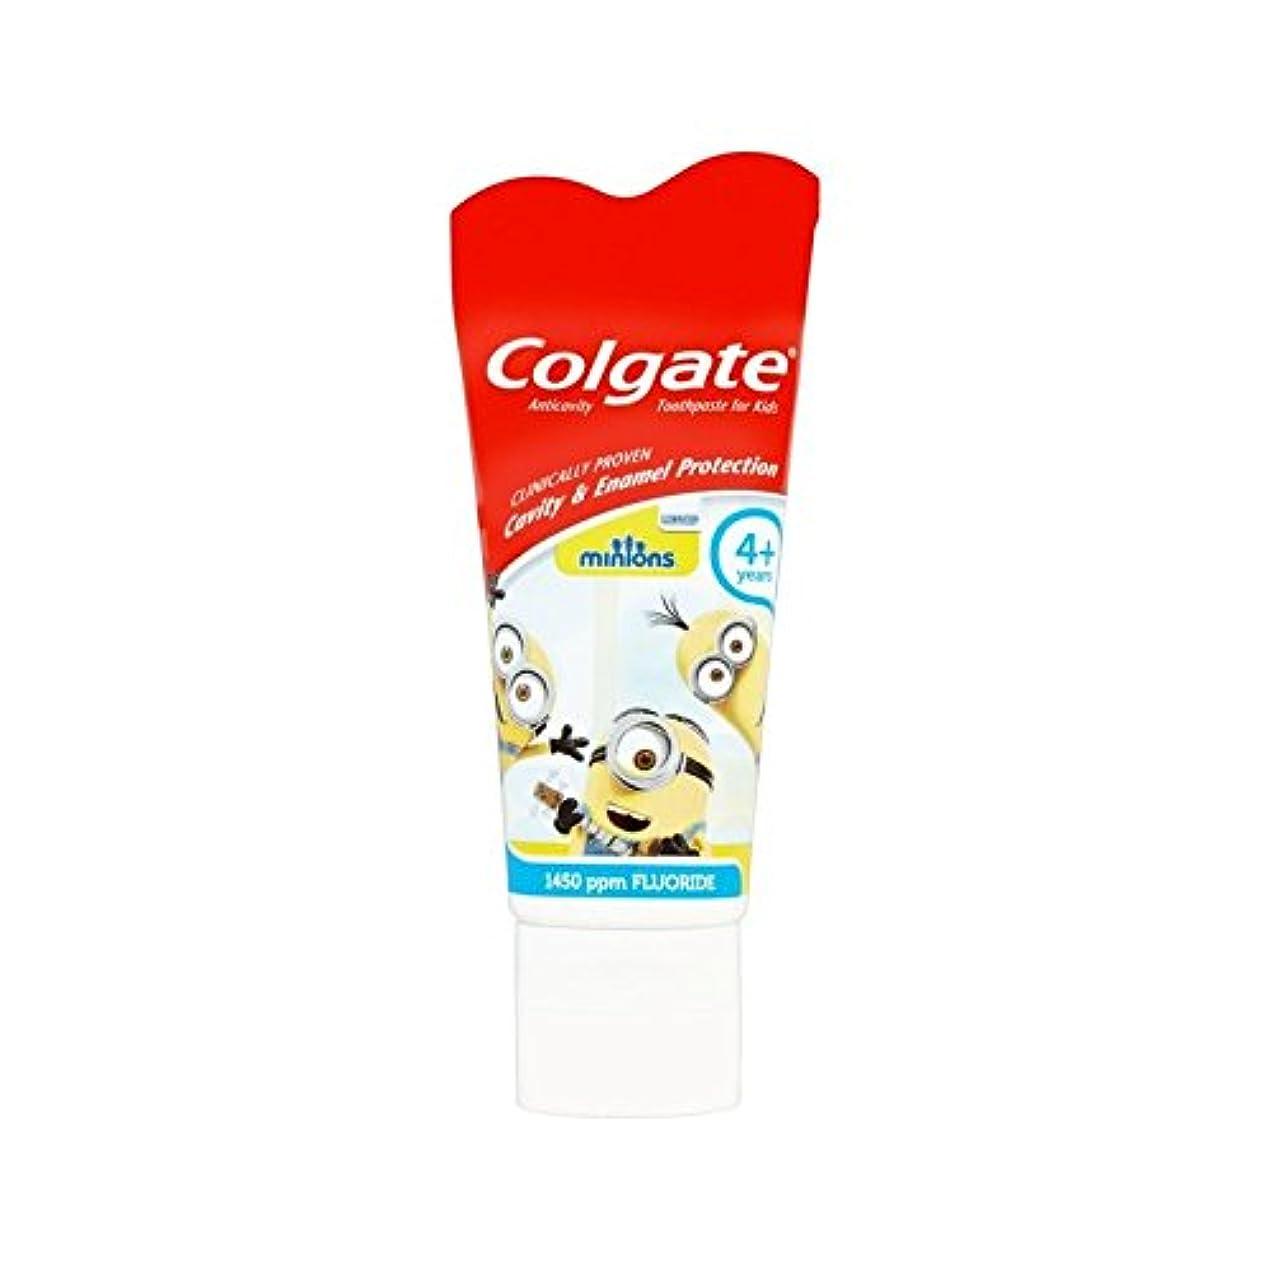 情報毛布忠実に手下の子供4+歯磨き粉50ミリリットル (Colgate) (x 2) - Colgate Minions Kids 4+ Toothpaste 50ml (Pack of 2) [並行輸入品]